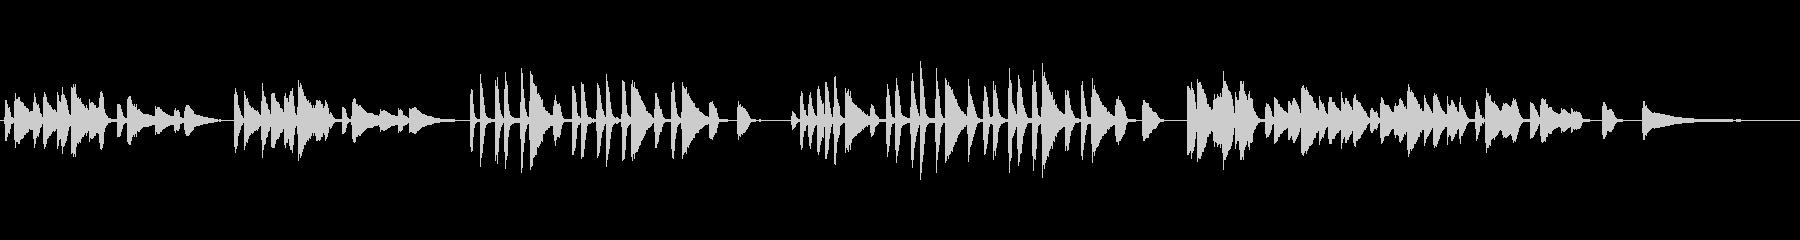 やさしいピアノソロ「むかしむかし」の未再生の波形